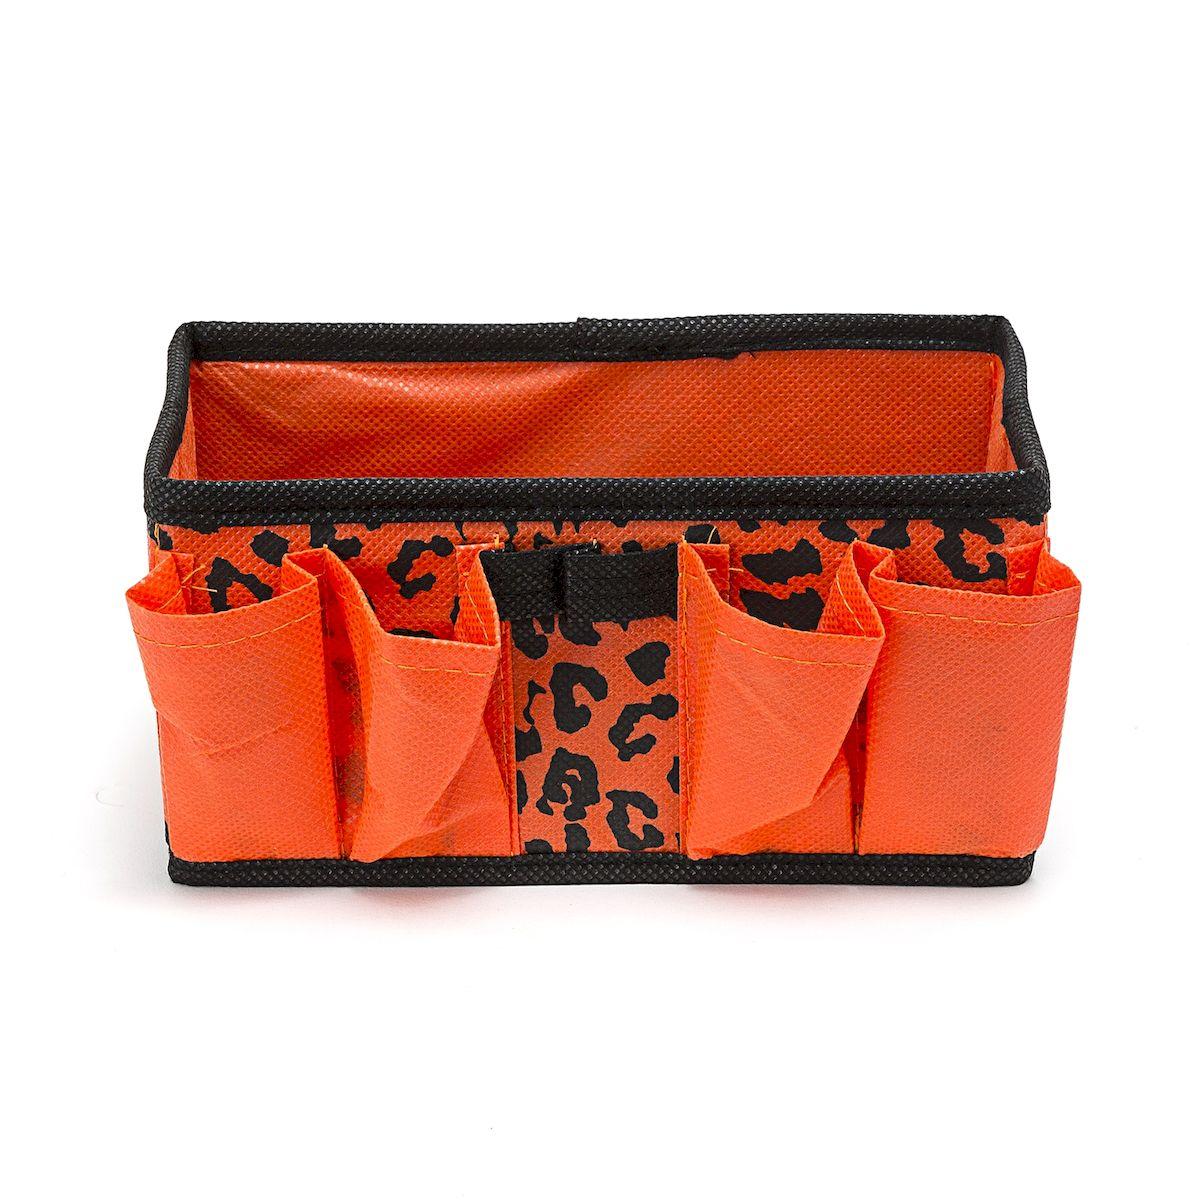 Органайзер для хранения косметики и мелочей Leopard, 20 x 10 x 10 смRG-D31SОрганайзер Homsu Leopard выполнена из полиэстера и предназначена для хранения вещей. Изделие защитит вещи от повреждений, пыли, влаги и загрязнений во время хранения и транспортировки. Органайзер идеально подходит для хранения детских вещей и игрушек. Жесткий каркас из плотного толстого картона обеспечивает устойчивость конструкции. Размер: 20 х 10 х 10 см.